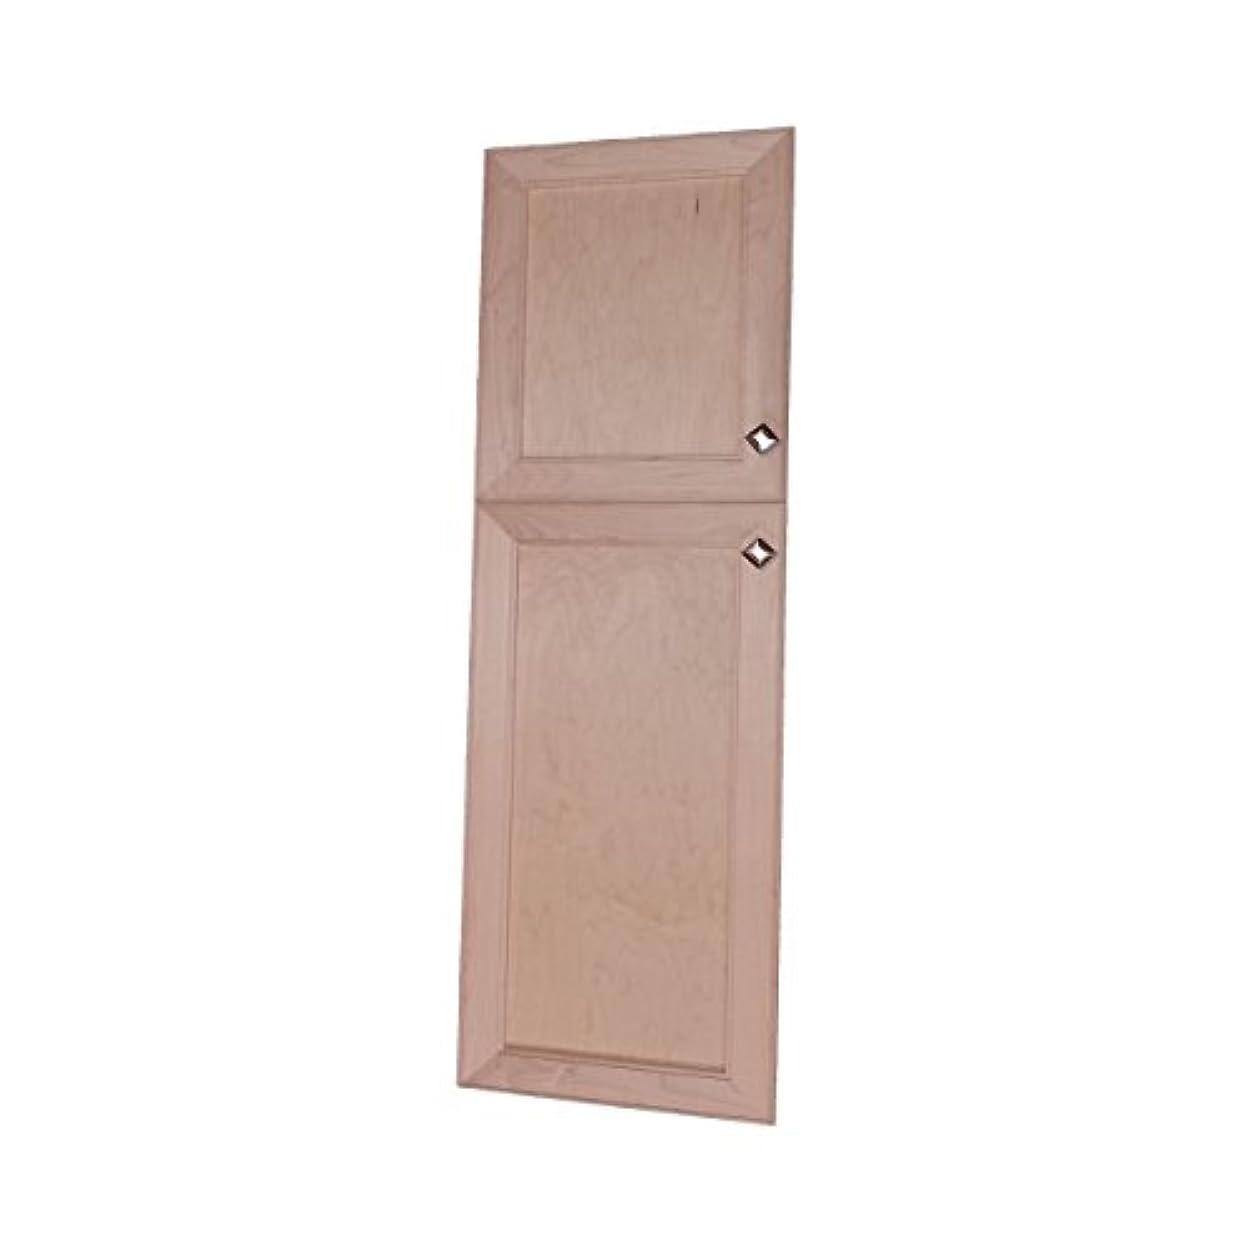 木製キャビネット ダイレクト 56インチ 高マックスウェル 壁枠なし 22/34 パントリー 薬キャビネット 3.5D